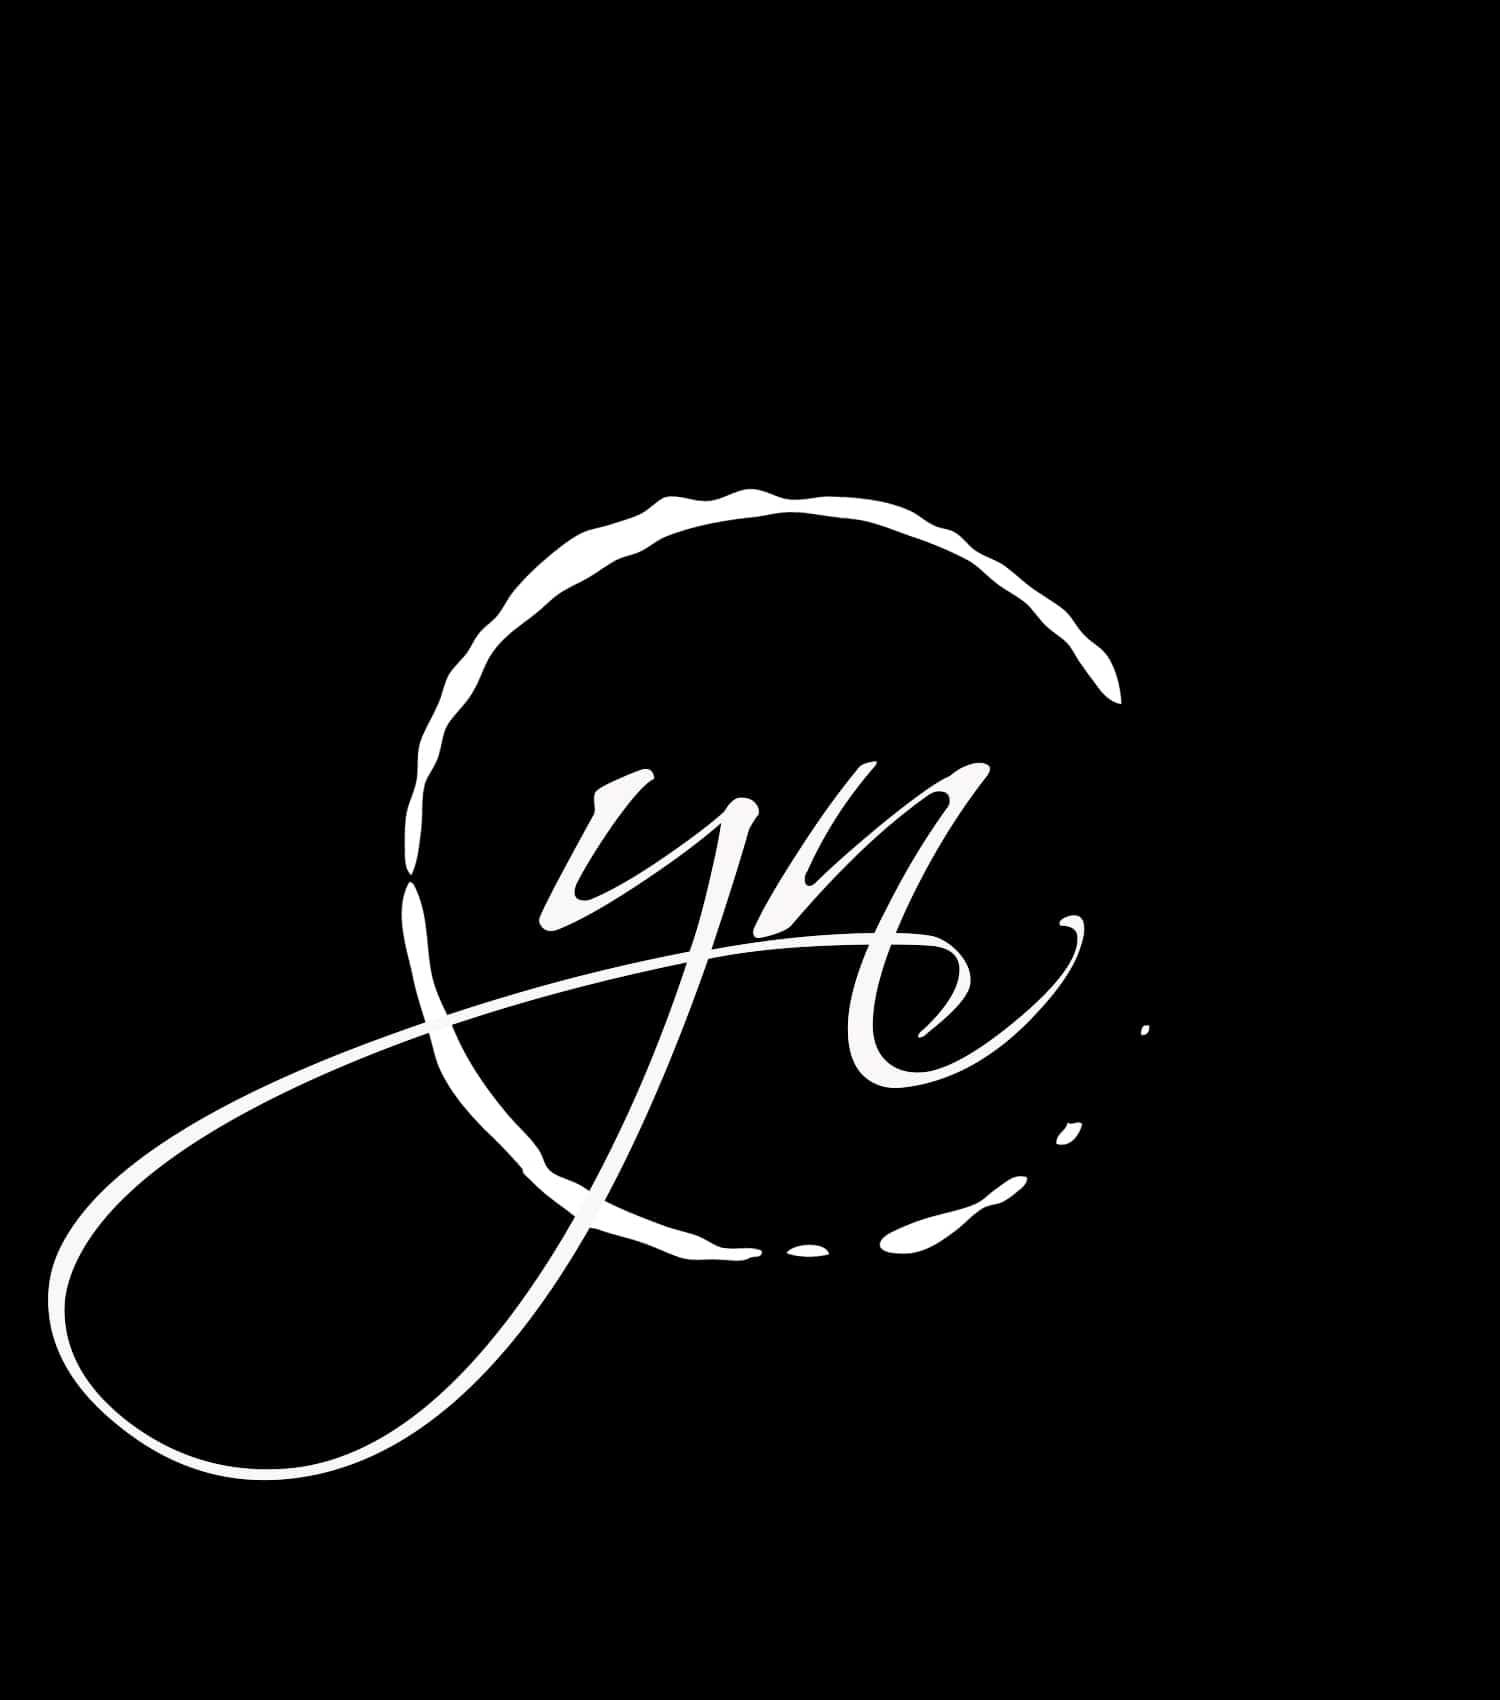 cool circle logos for yt